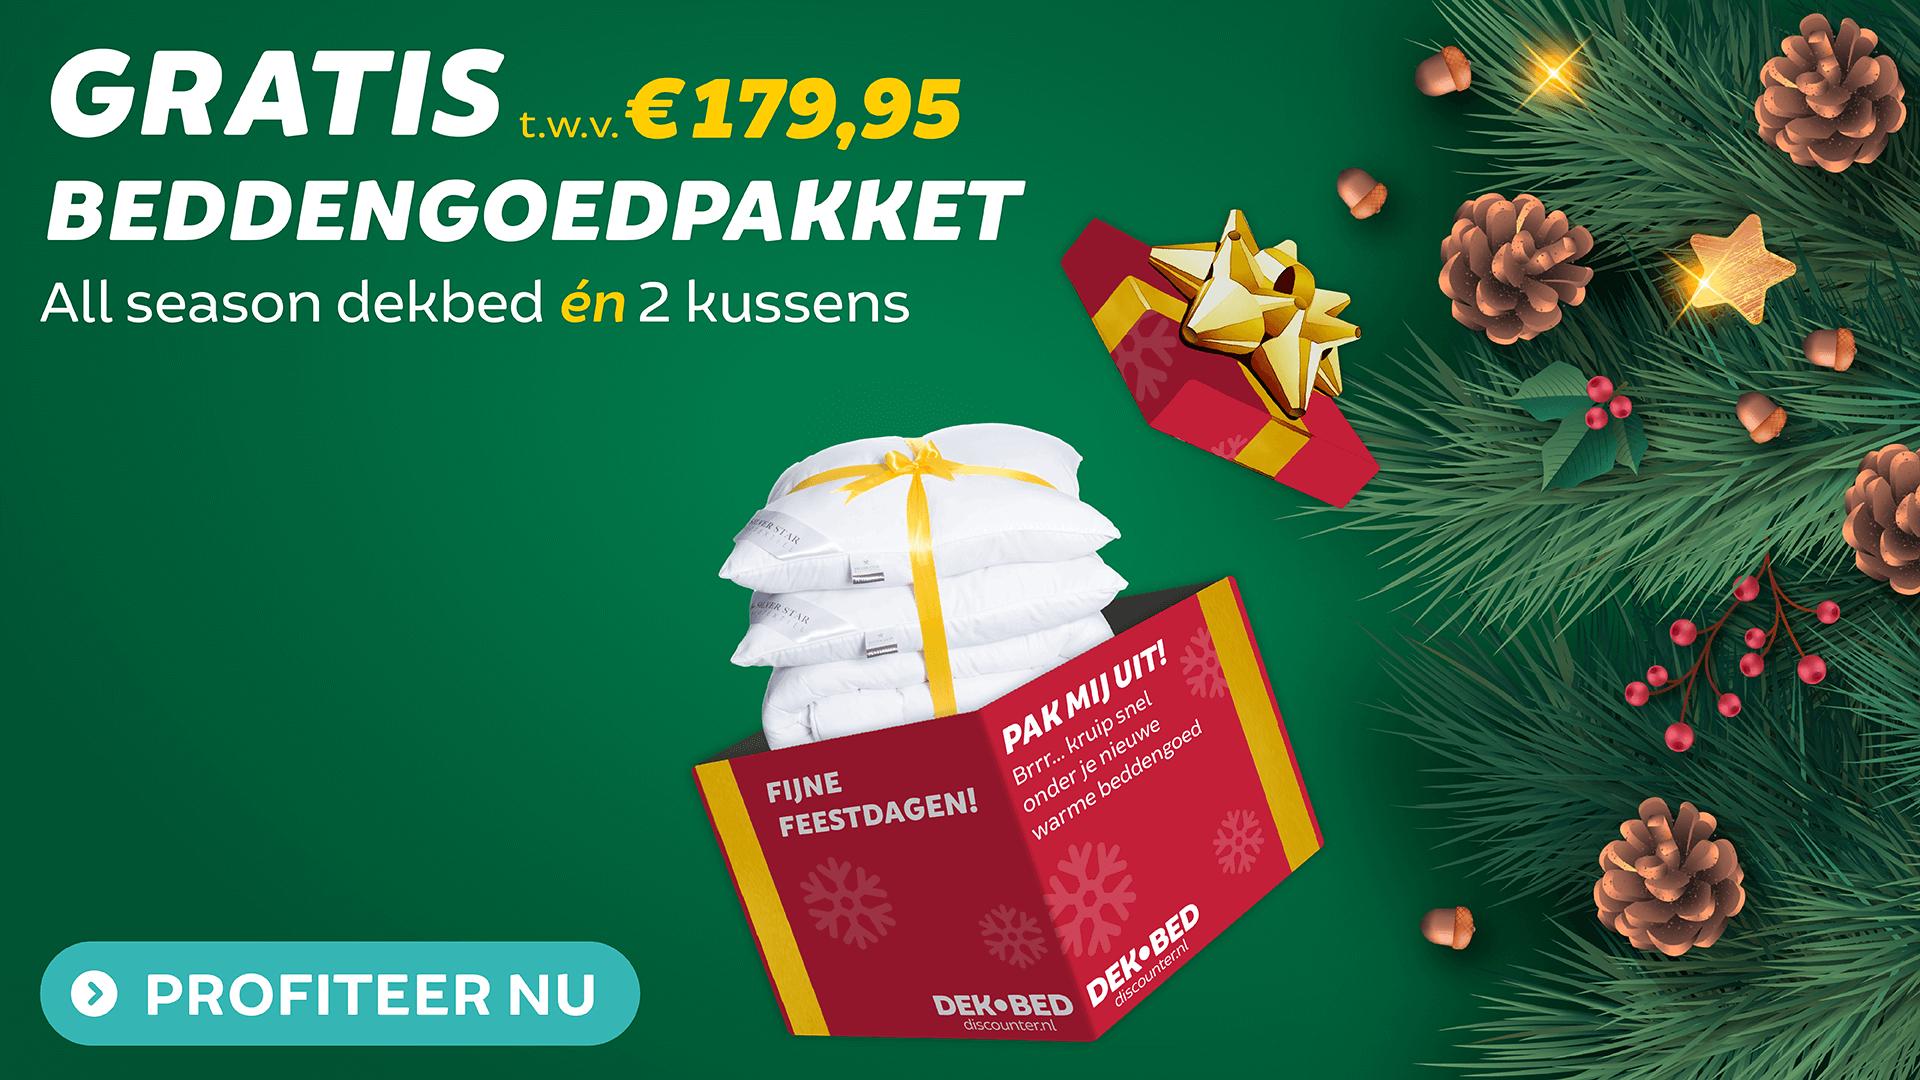 Gratis beddengoedpakket bij aankoop van €39,95 aan geselecteerde producten